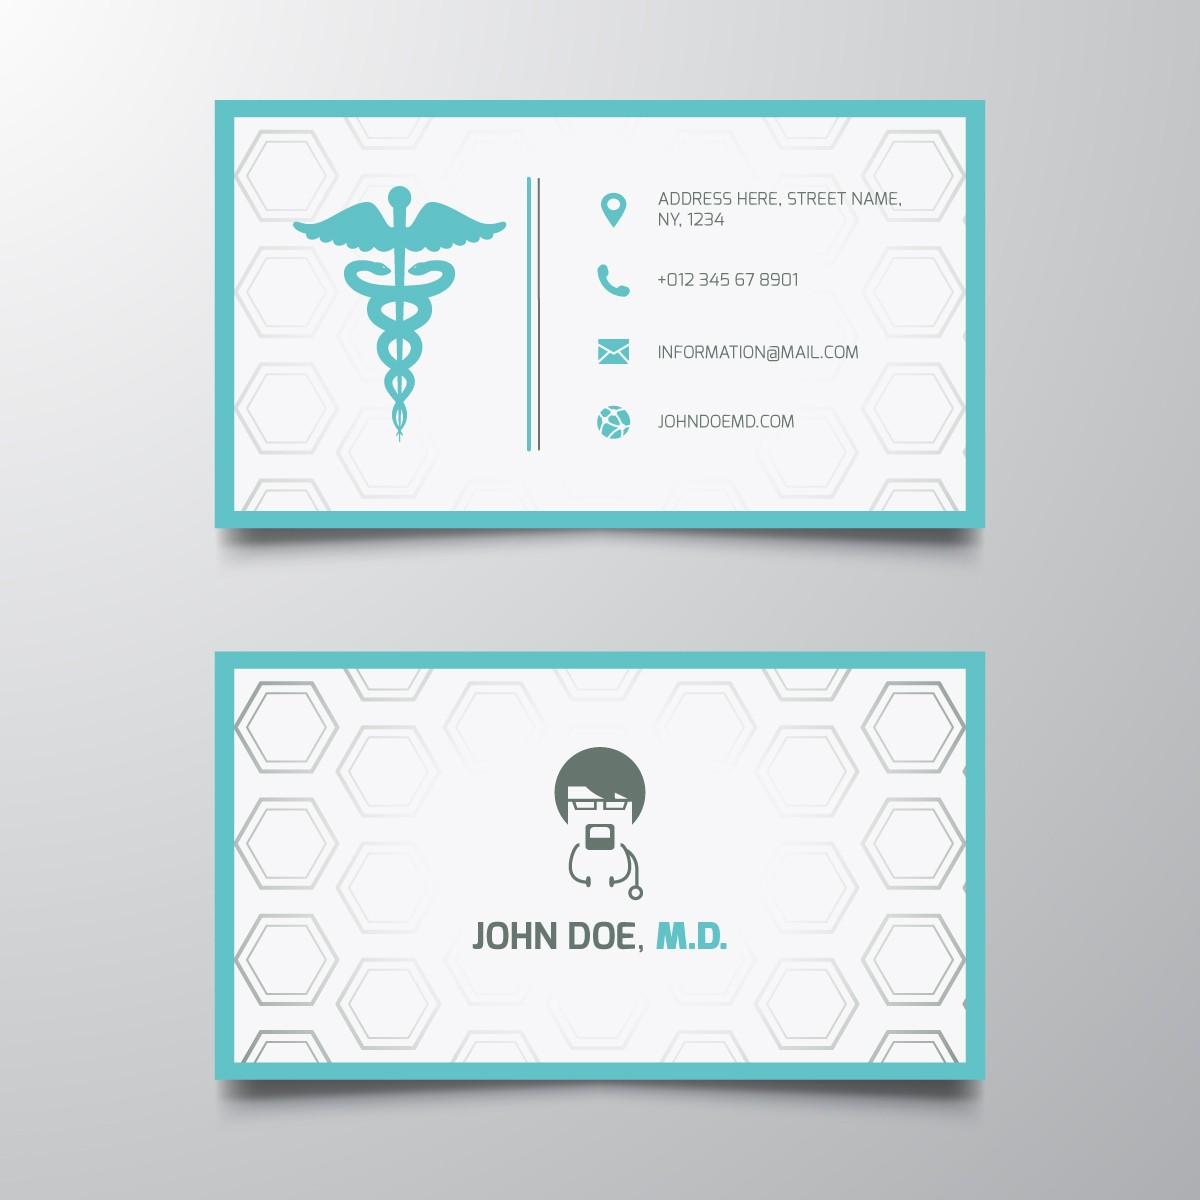 Plantilla: Tarjeta de visita o negocio para medico en general